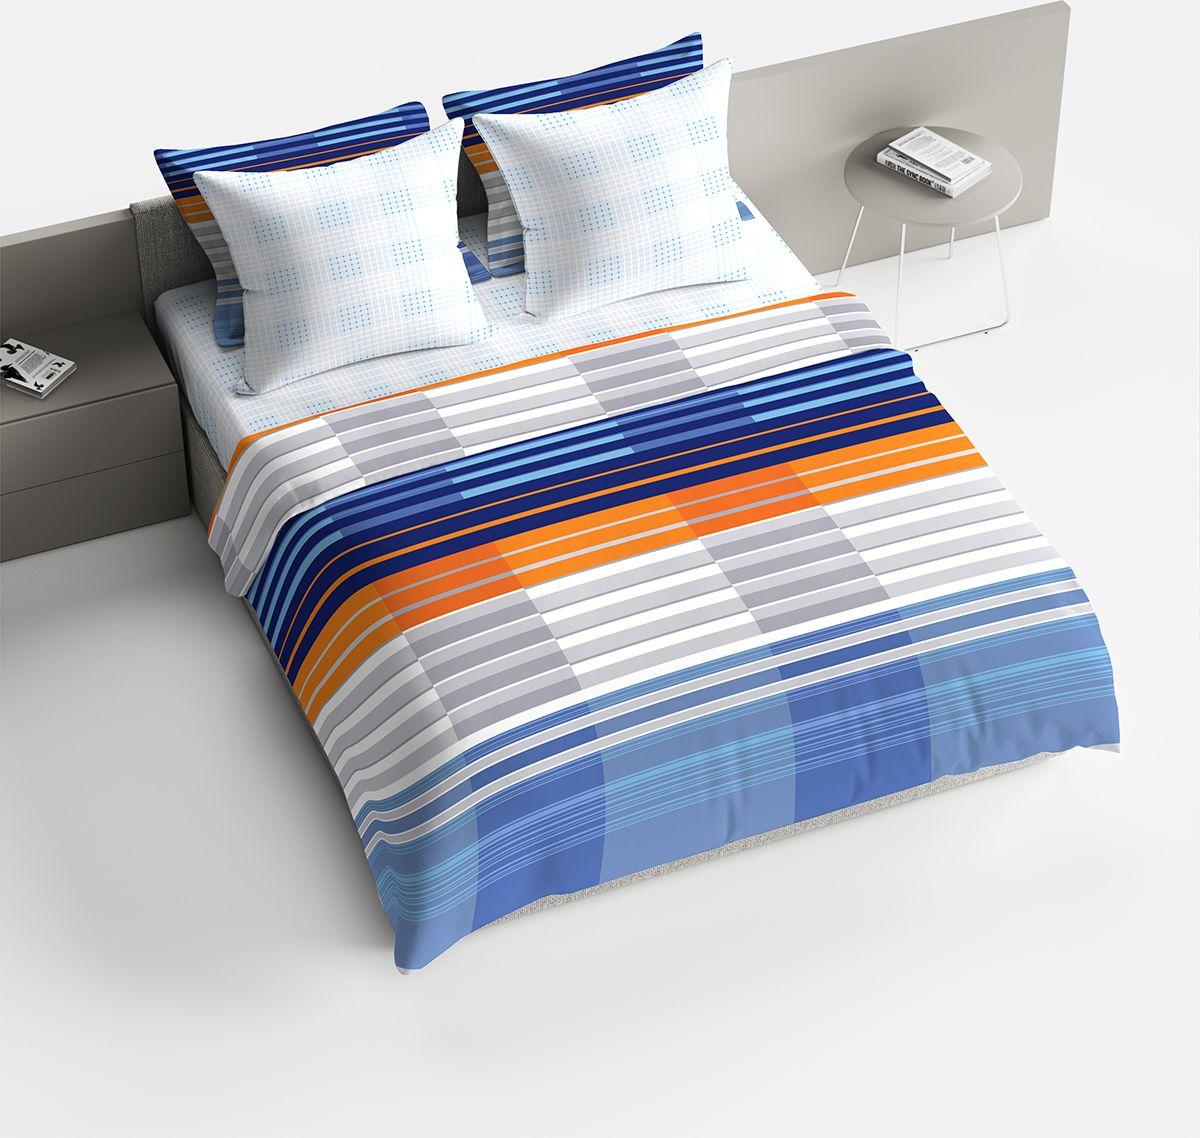 Комплект белья Браво Марино, евро, наволочки 70x70, цвет: синий91925Комплекты постельного белья из ткани LUX COTTON (высококачественный поплин), сотканной из длинноволокнистого египетского хлопка, созданы специально для людей с оригинальным вкусом, предпочитающим современные решения в интерьере. Обновленная стильная упаковка делает этот комплект отличным подарком. • Равноплотная ткань из 100% хлопка; • Обработана по технологии мерсеризации и санфоризации; • Мягкая и нежная на ощупь; • Устойчива к трению; • Обладает высокими показателями гигроскопичности (впитывает влагу); • Выдерживает частые стирки, сохраняя первоначальные цвет, форму и размеры; • Безопасные красители ведущего немецкого производителя BEZEMA